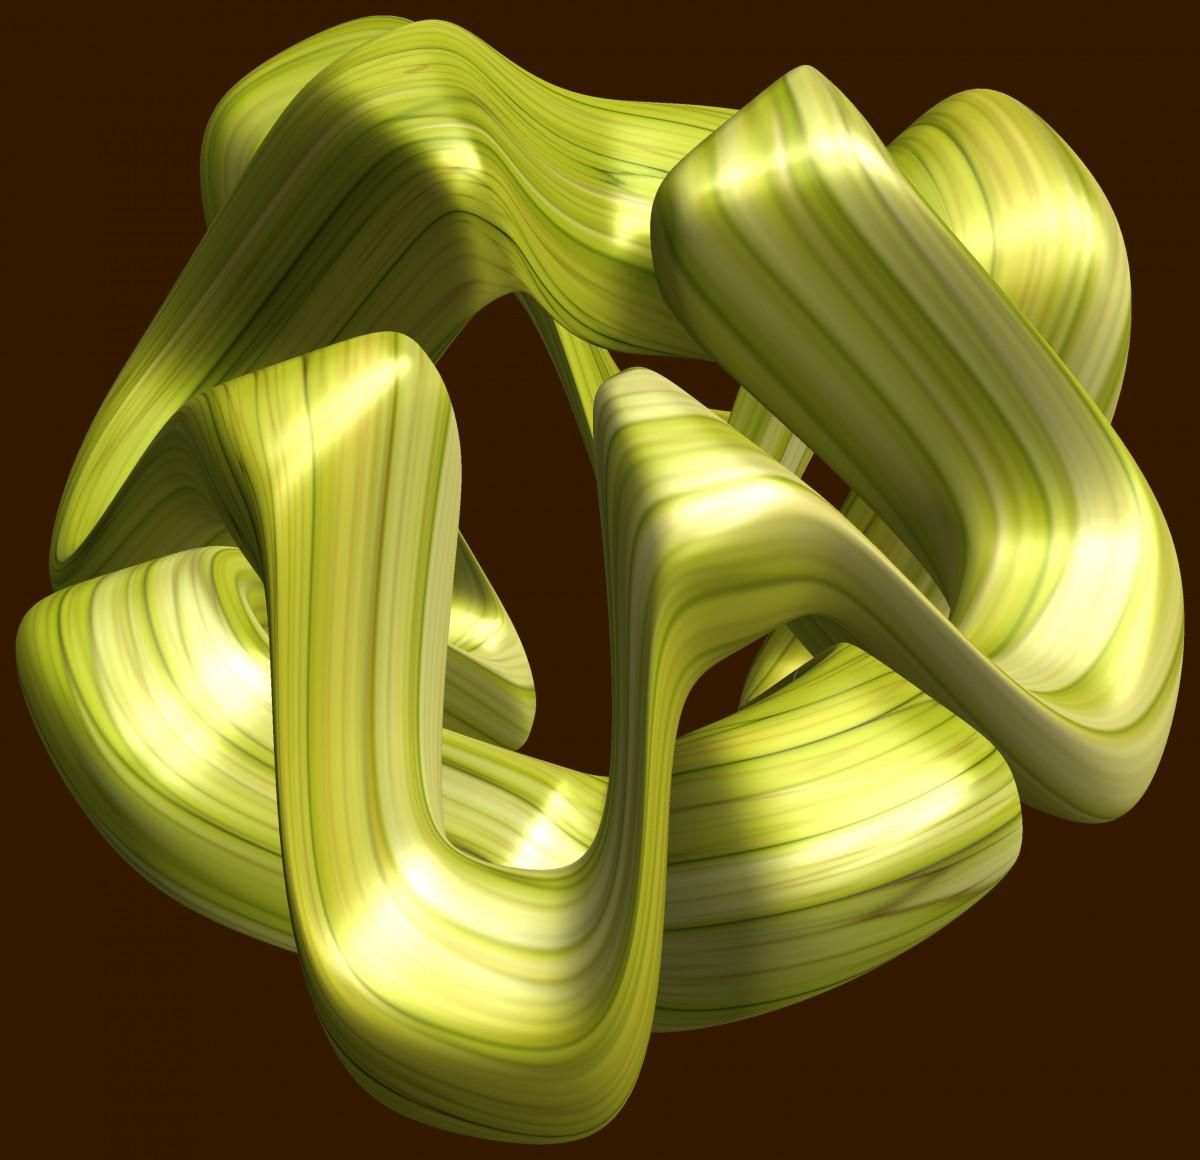 images gratuites abstrait structure texture feuille fleur mod le vert produire. Black Bedroom Furniture Sets. Home Design Ideas